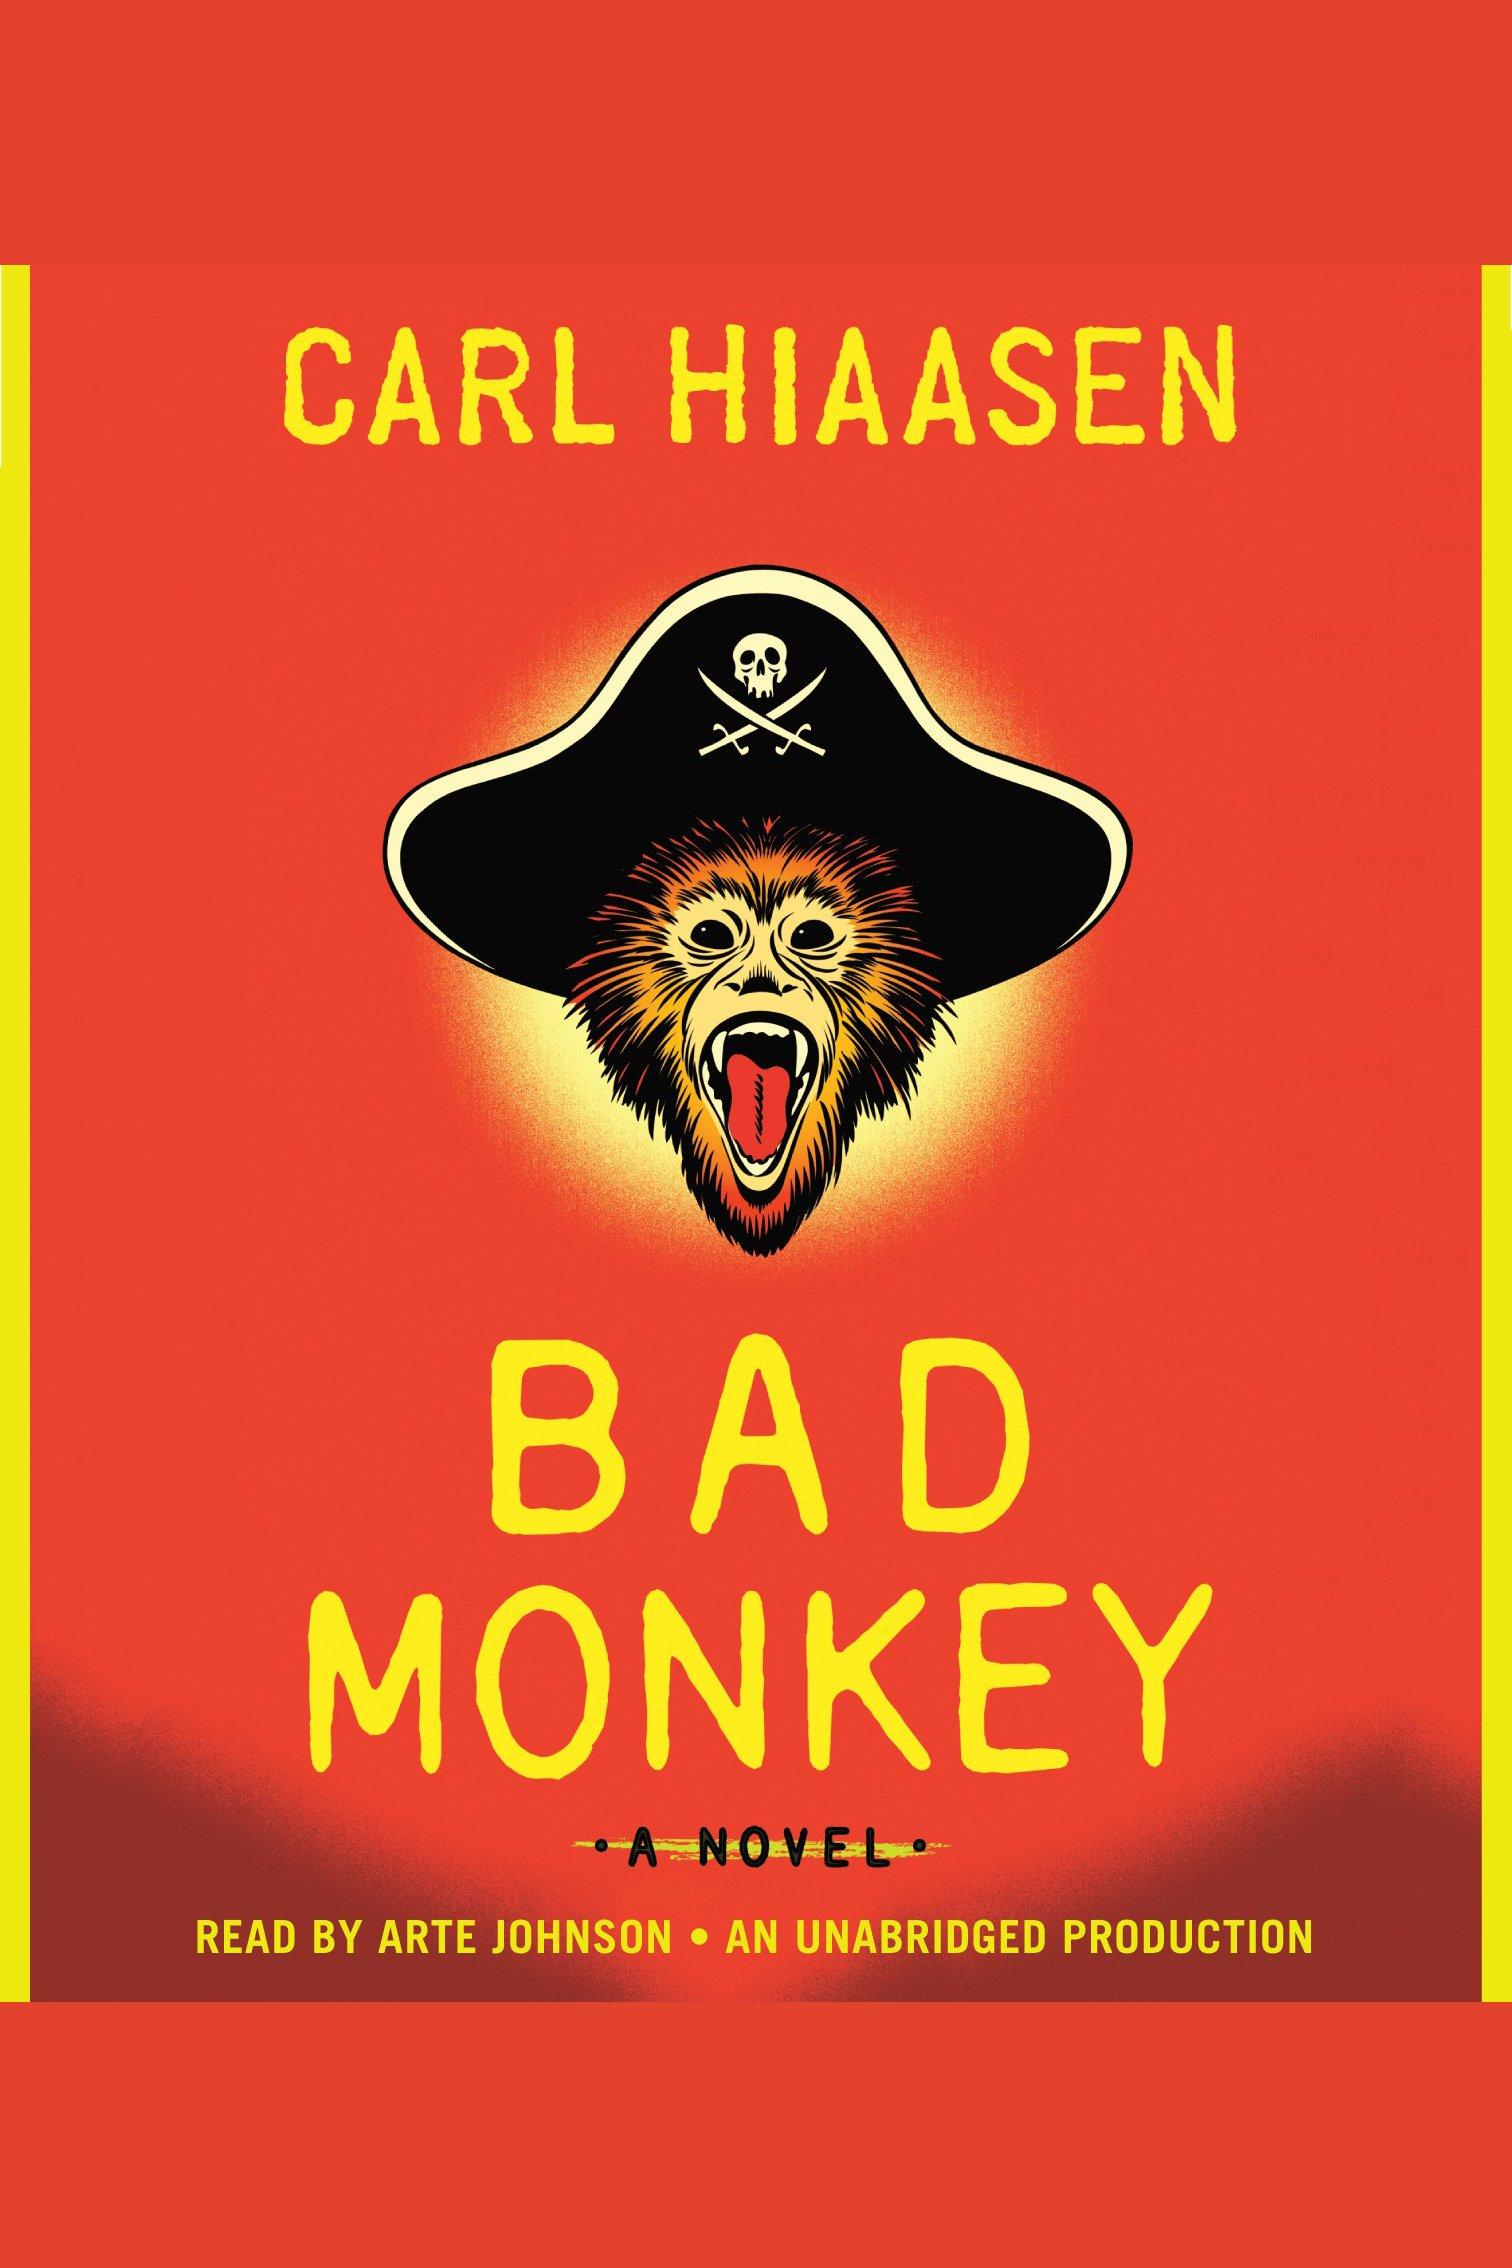 Bad monkey cover image